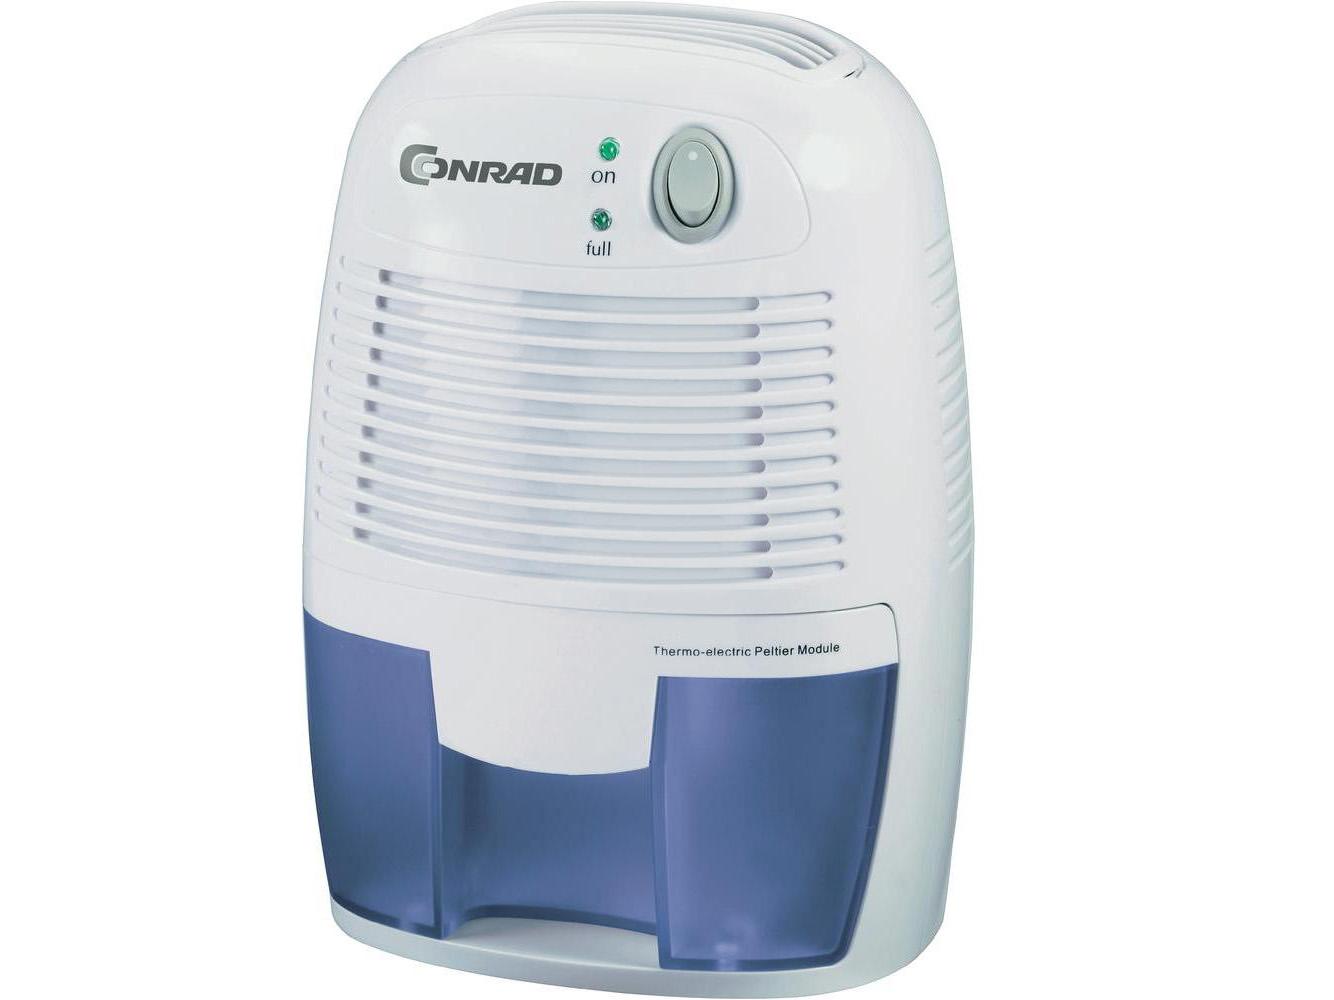 dezumidificator electronic beneficii pentru obiectele din casa